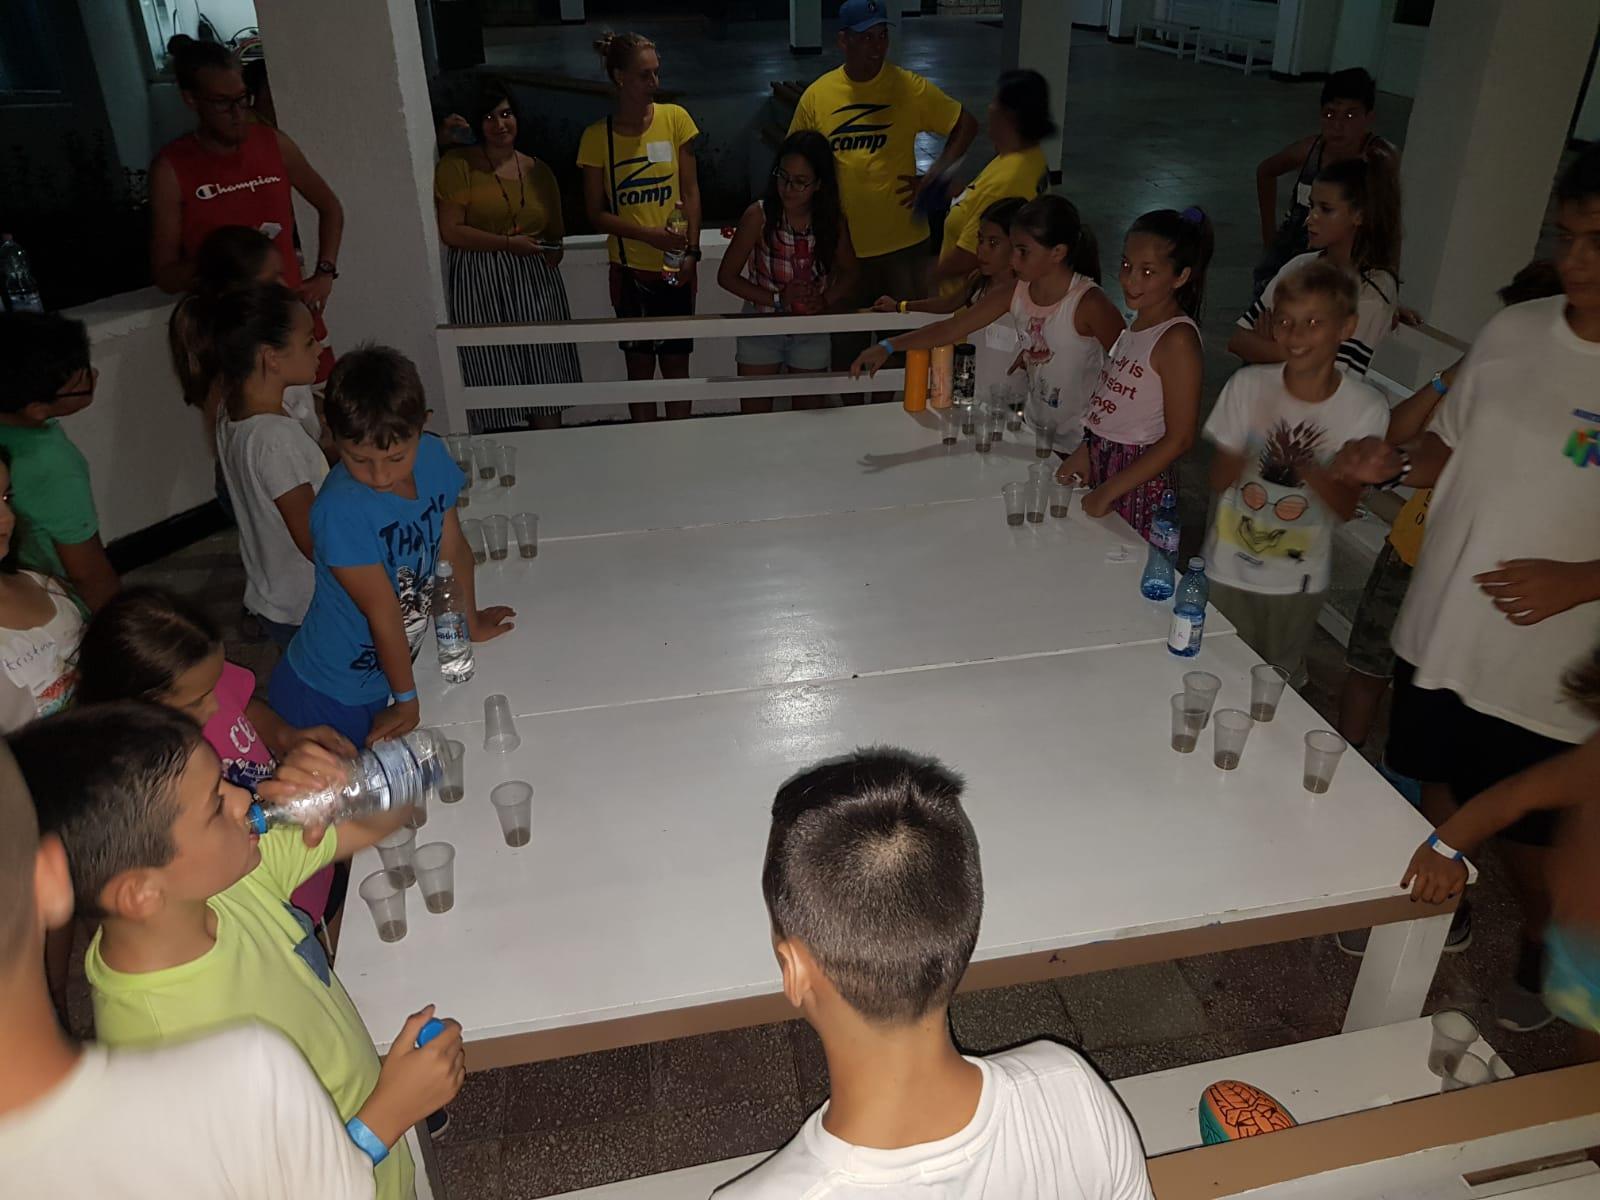 Z кемп, Ден 13 - Z Диско, децата и учителите са събрани около маса и пият сок и вода